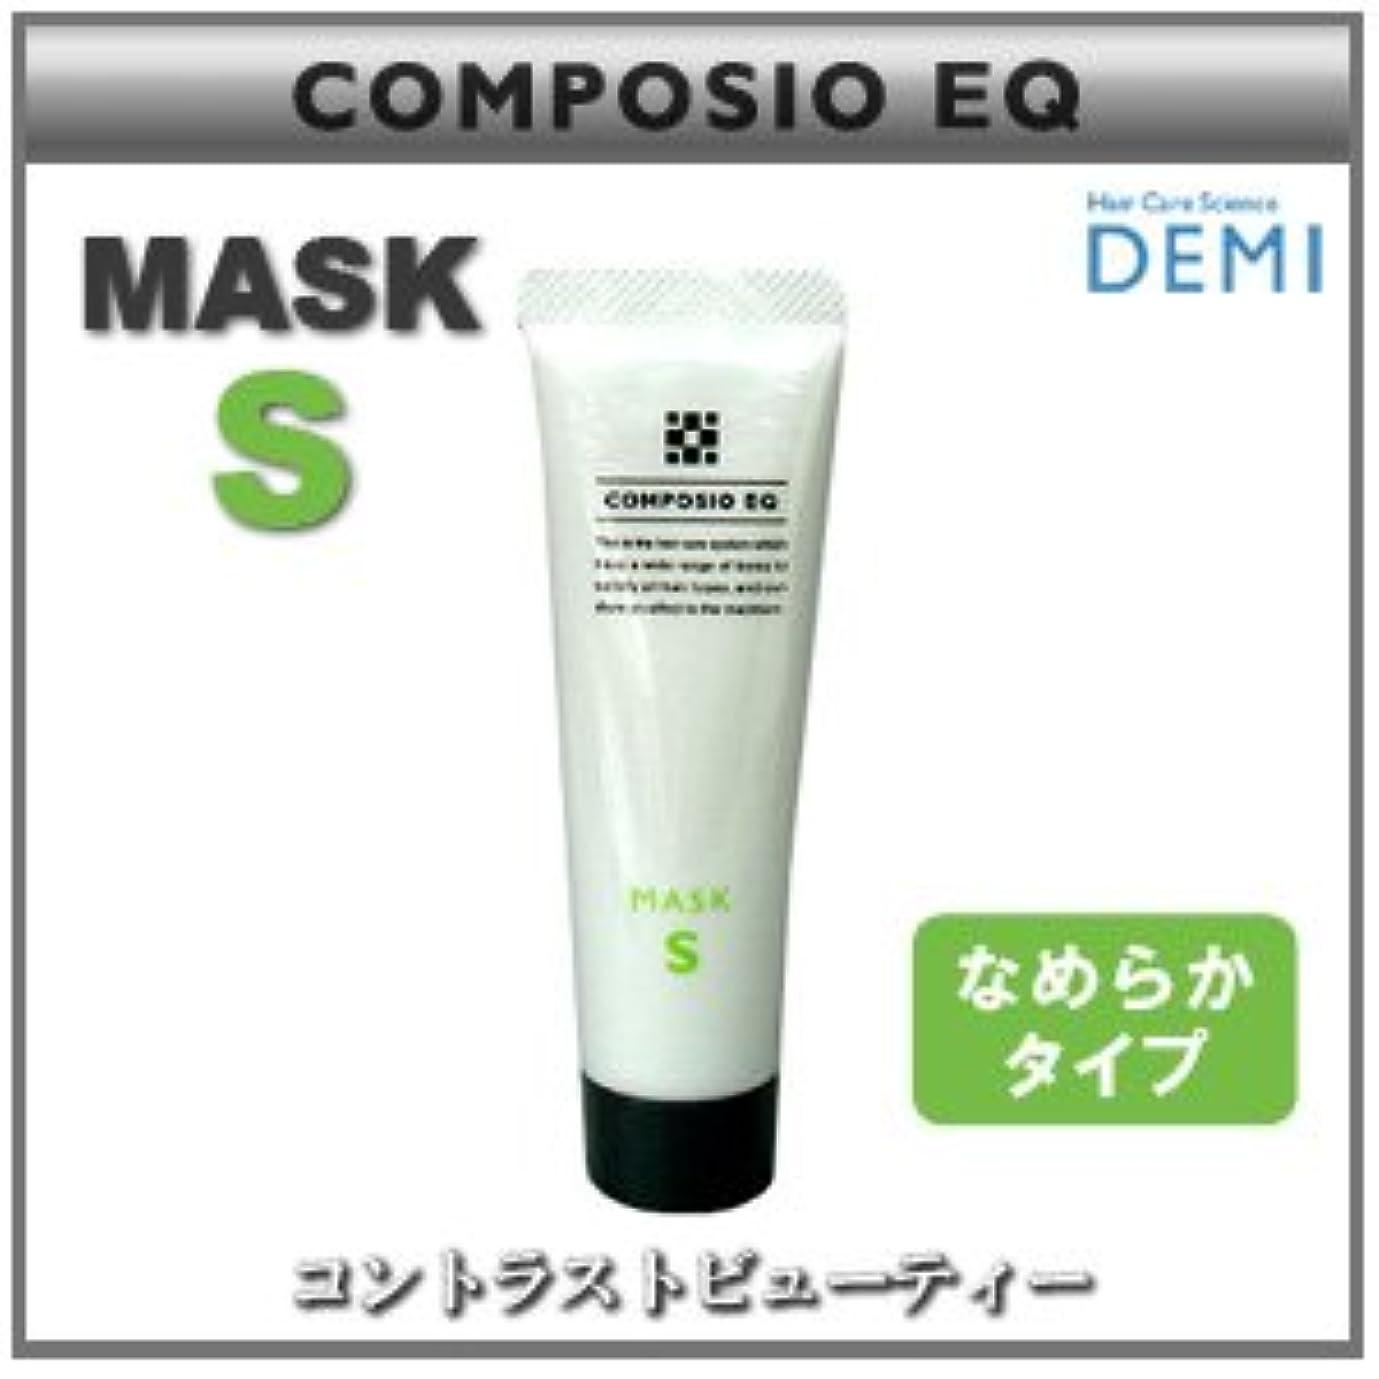 ロマンス高音バランス【X2個セット】 デミ コンポジオ EQ マスク S 50g